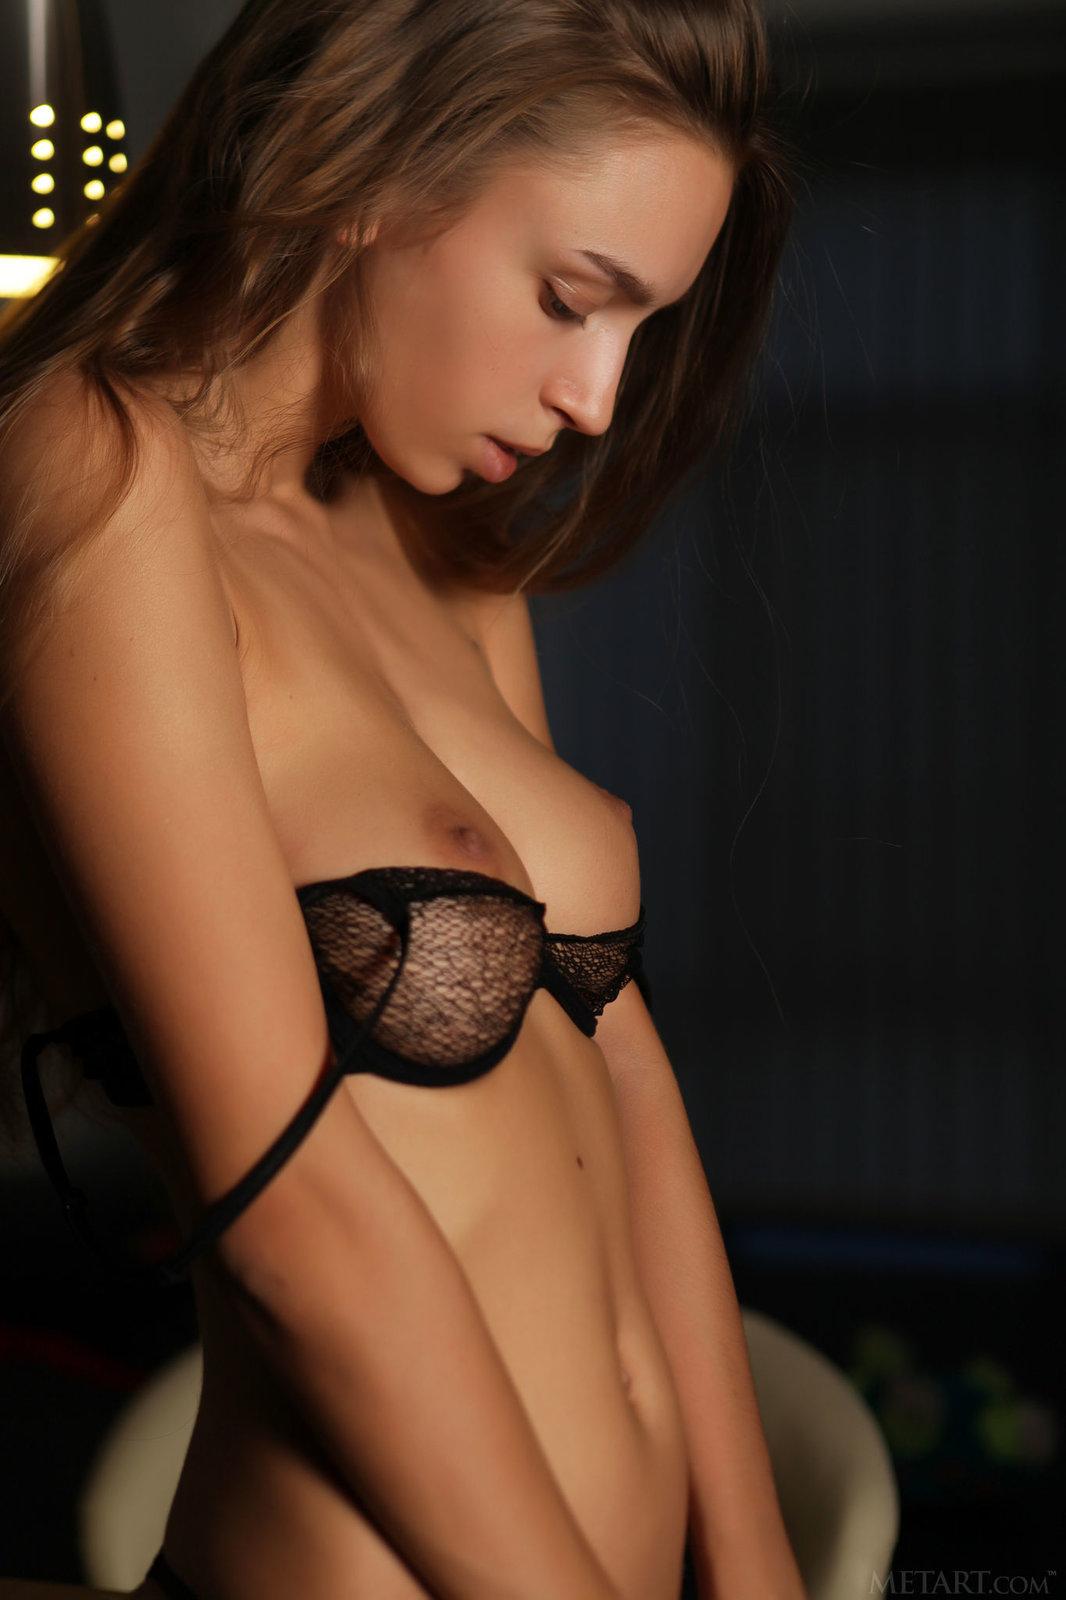 Jolene blalock nudes